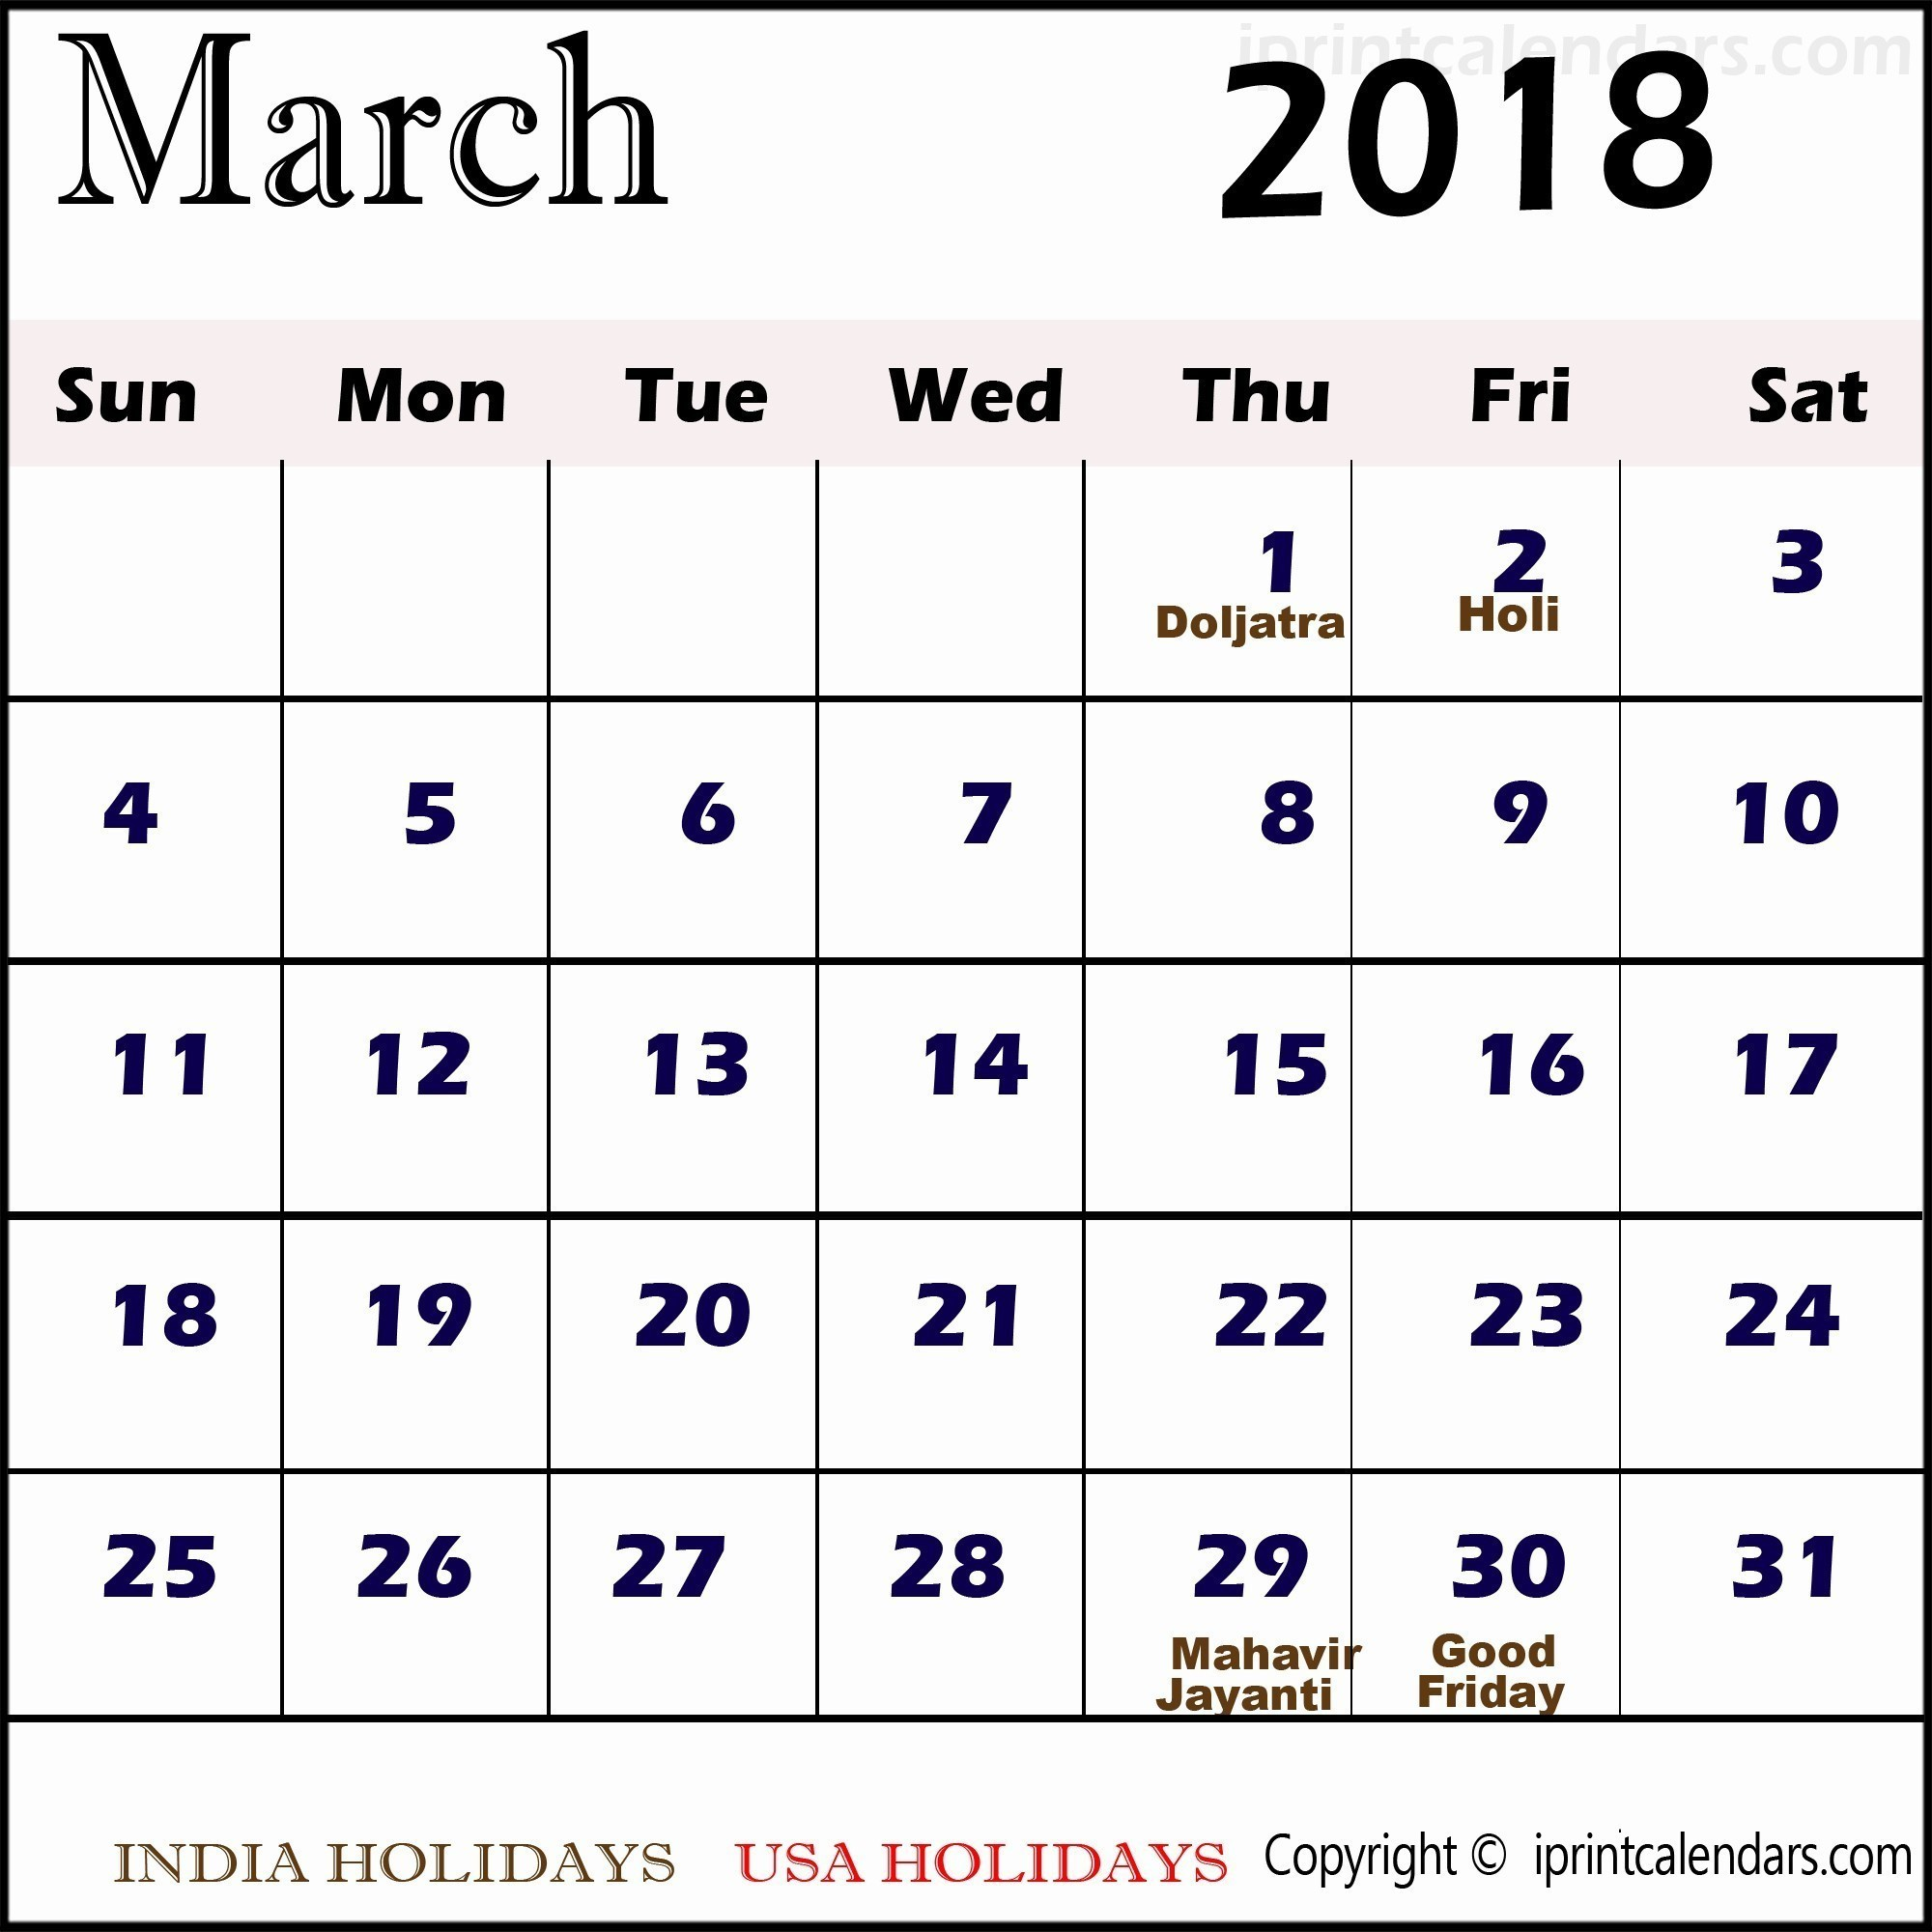 March Calendar Desktop Wallpaper Mejores Y Más Novedosos 2019 Calendar Holidays Of March Calendar Desktop Wallpaper Mejores Y Más Novedosos Unique Make Your Own Desktop Wallpaper Calendar